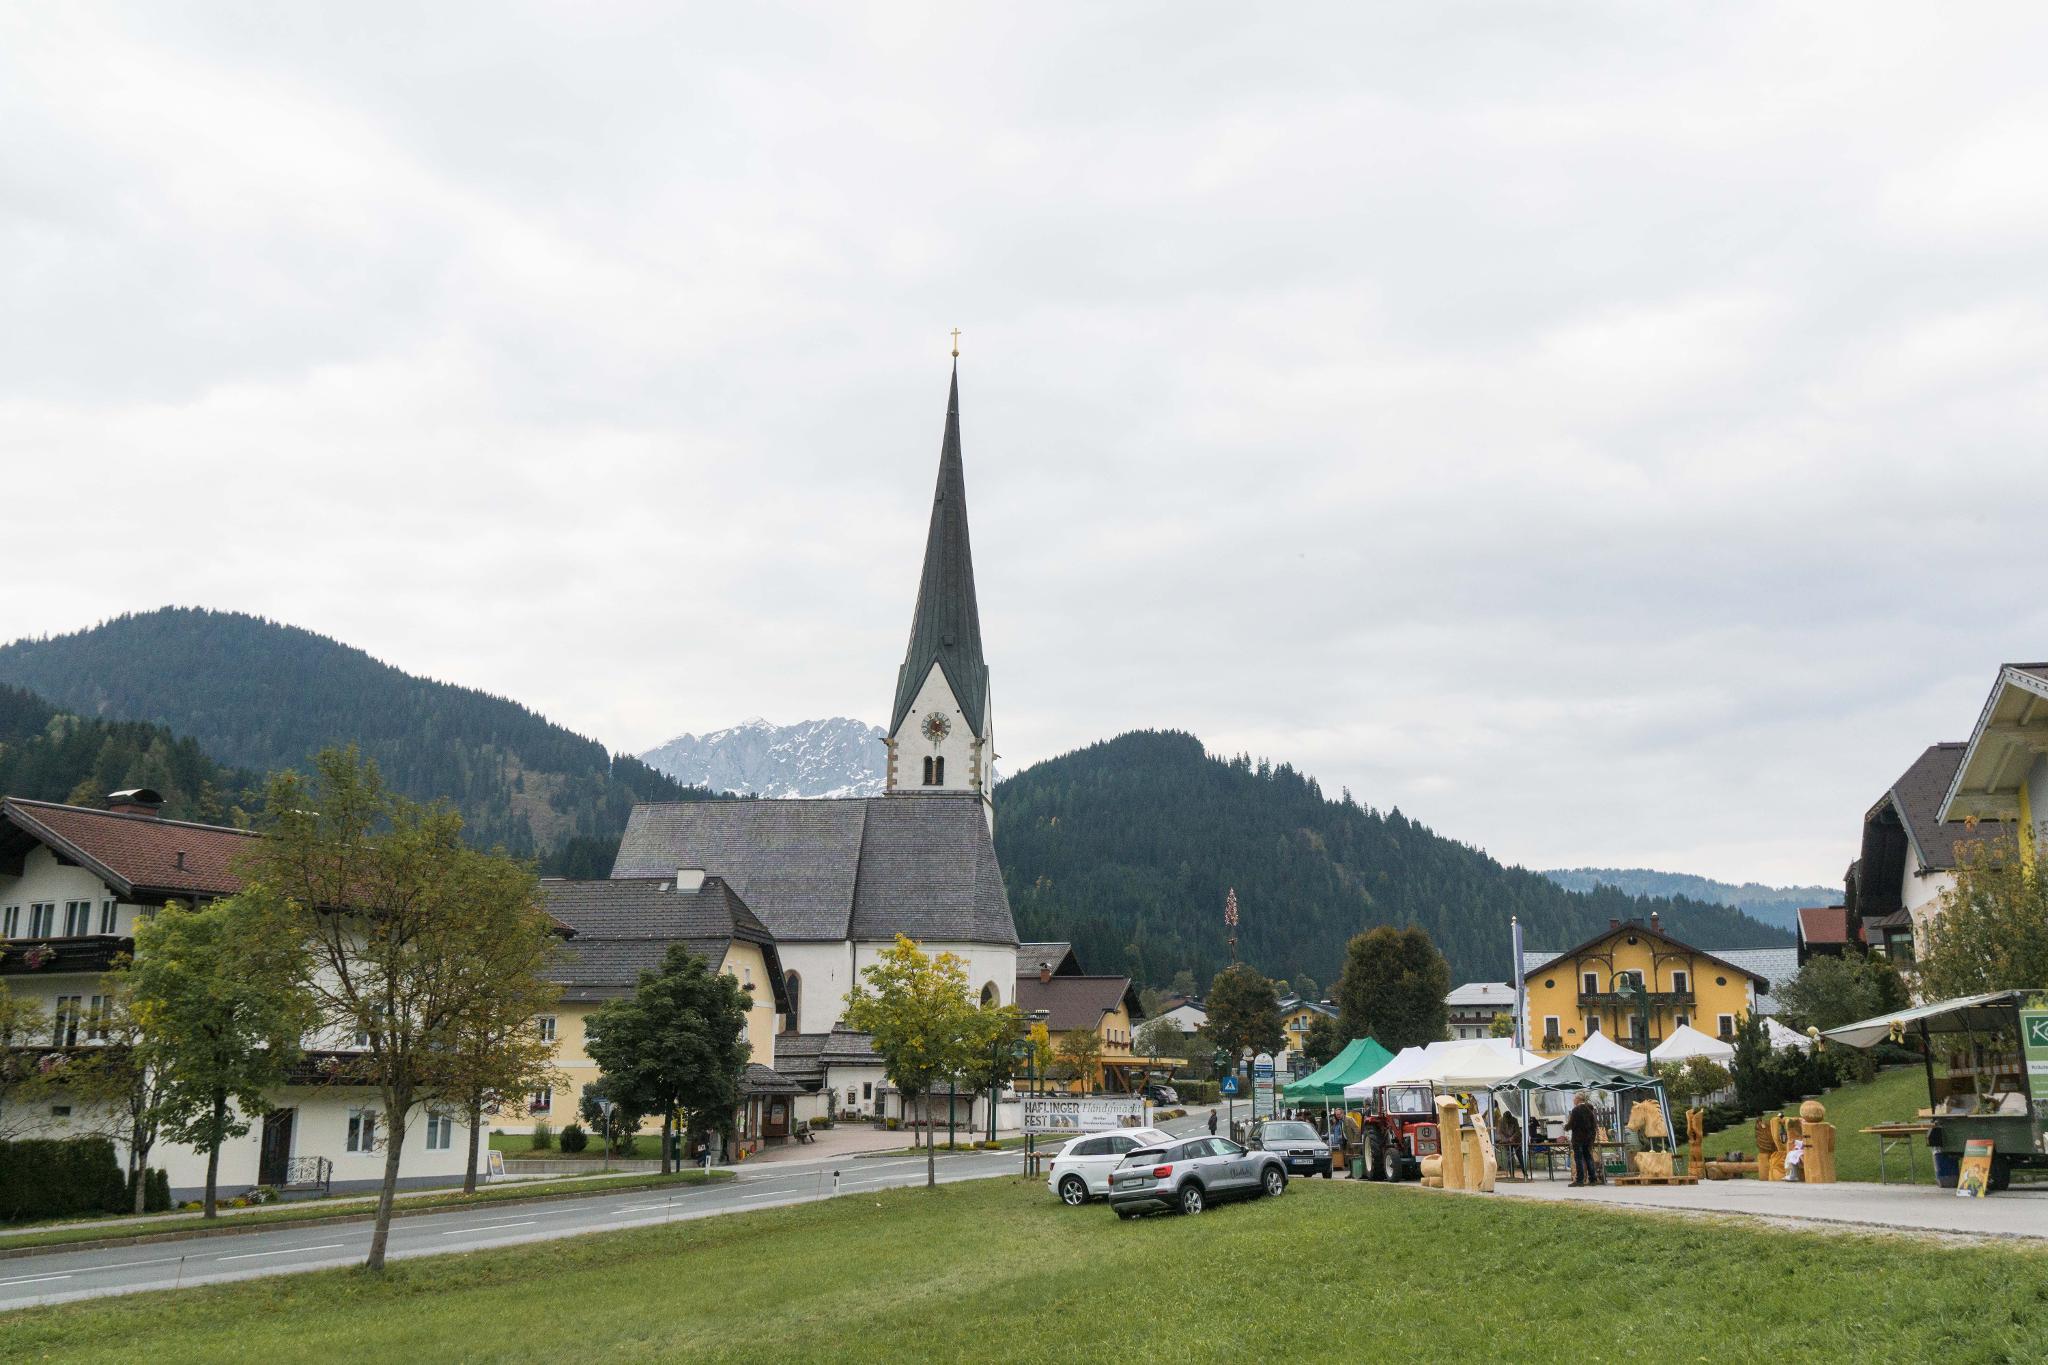 【奧地利】阿爾卑斯迷迷路!遇見美麗的奧地利風情小鎮:滕嫩山麓聖馬丁 2